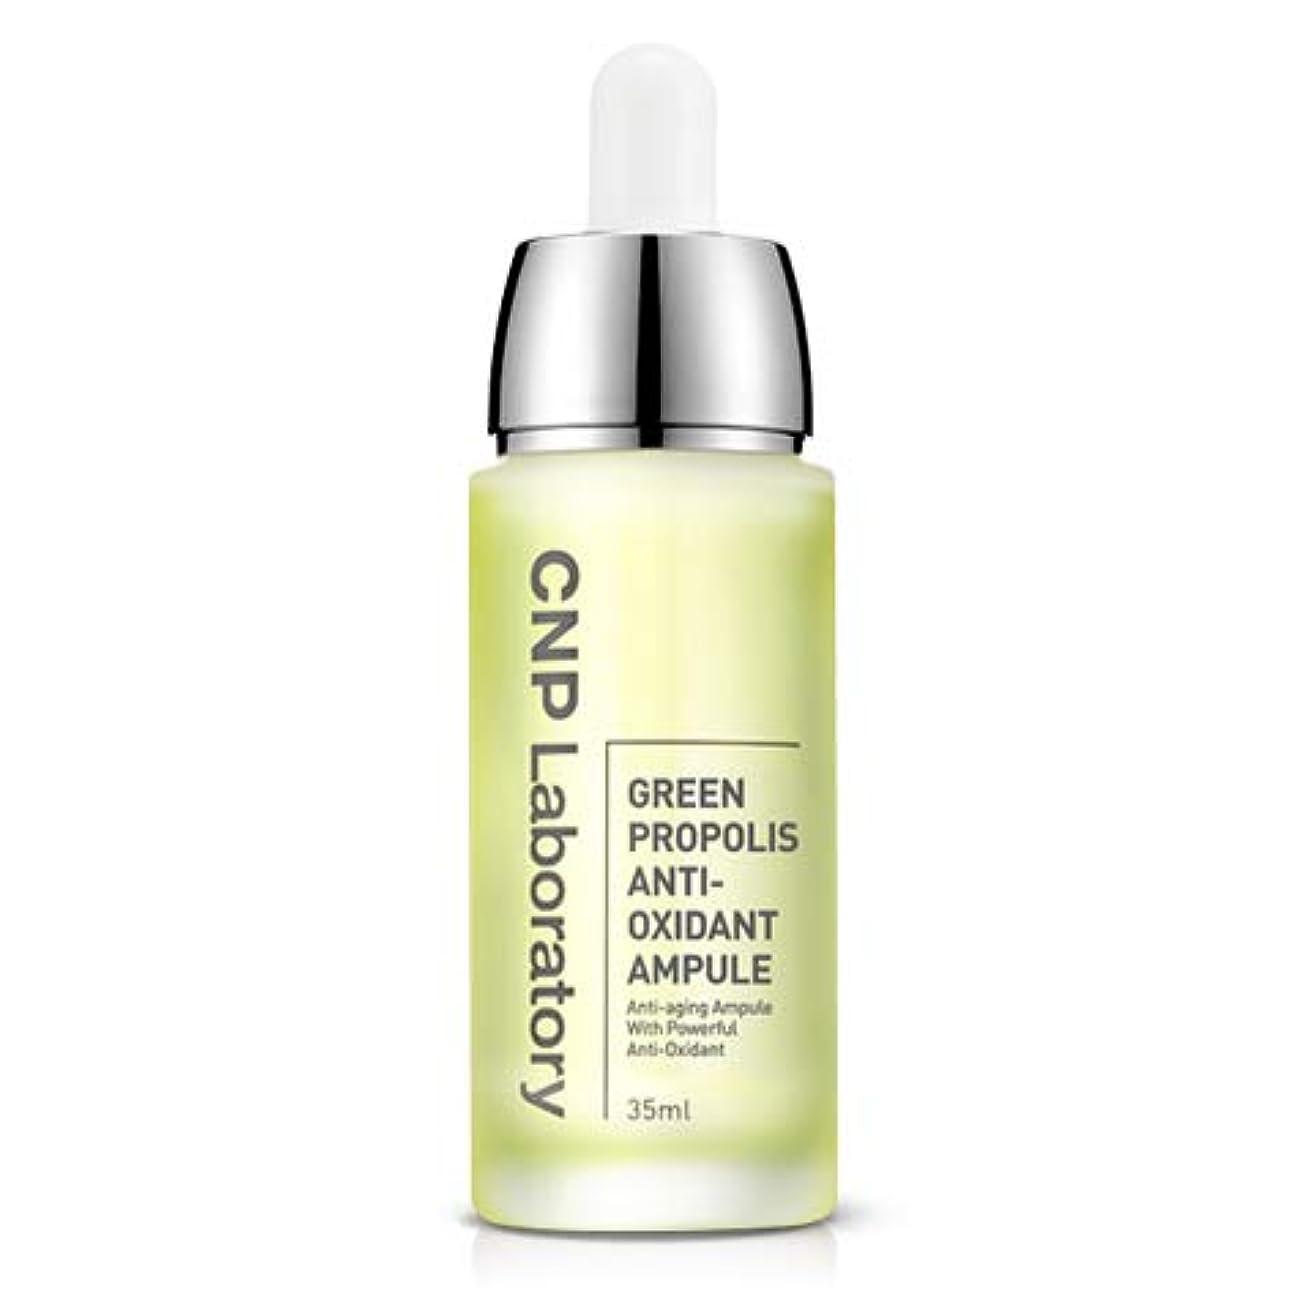 ピット裏切りシャープCNP Laboratory グリーンプロポリス酸化防止剤アンプル/Green Propolis Anti-Oxidant Ampule 35ml [並行輸入品]